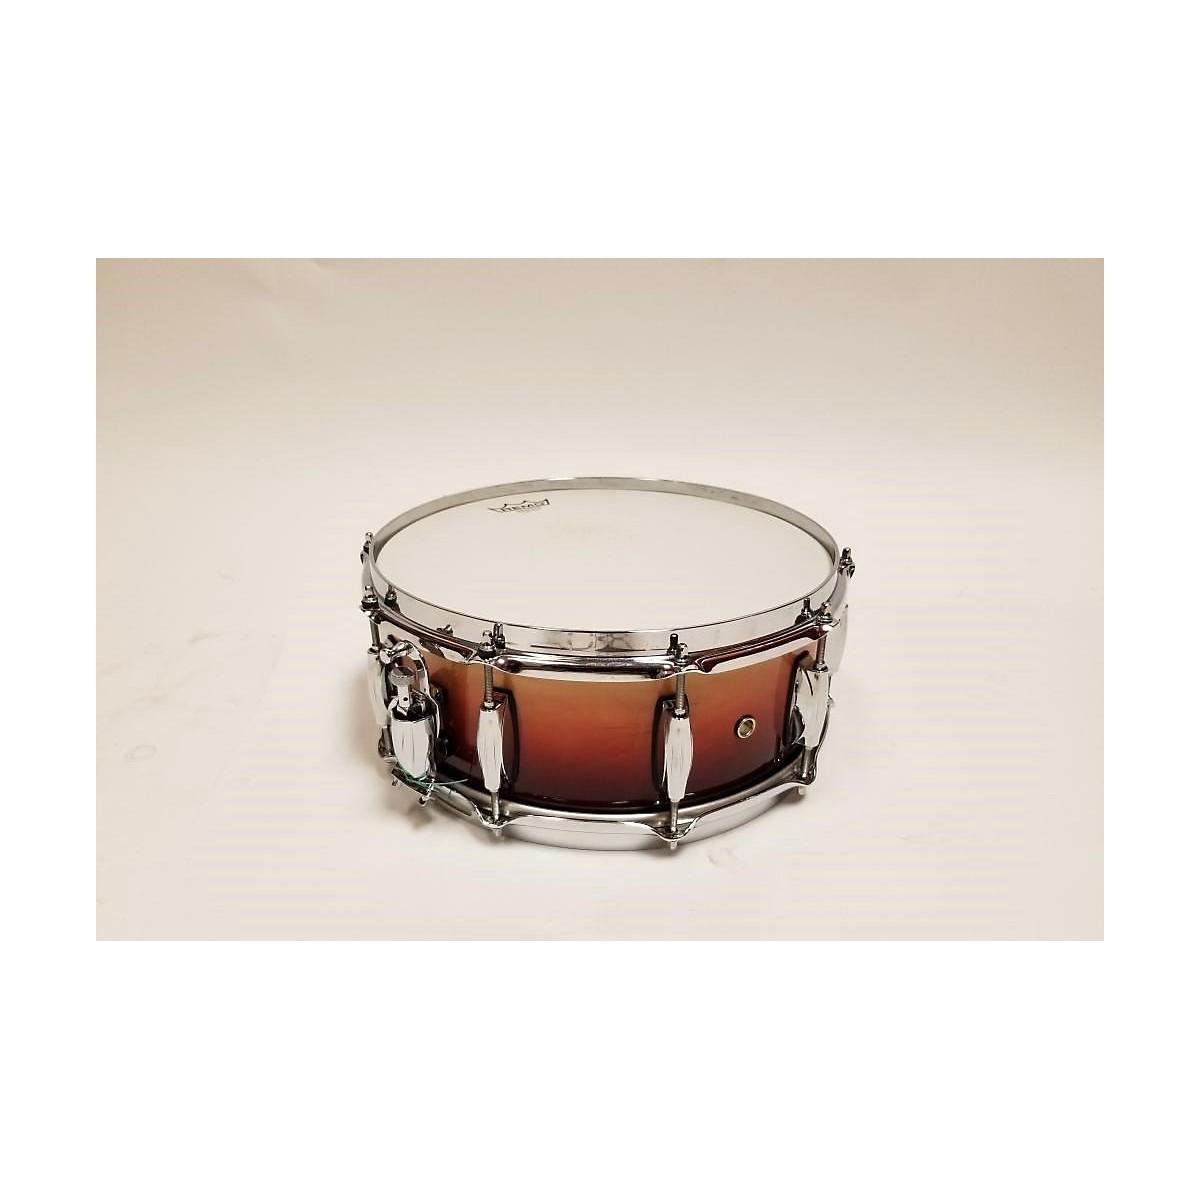 Gretsch Drums 5X14 Renown Snare Drum